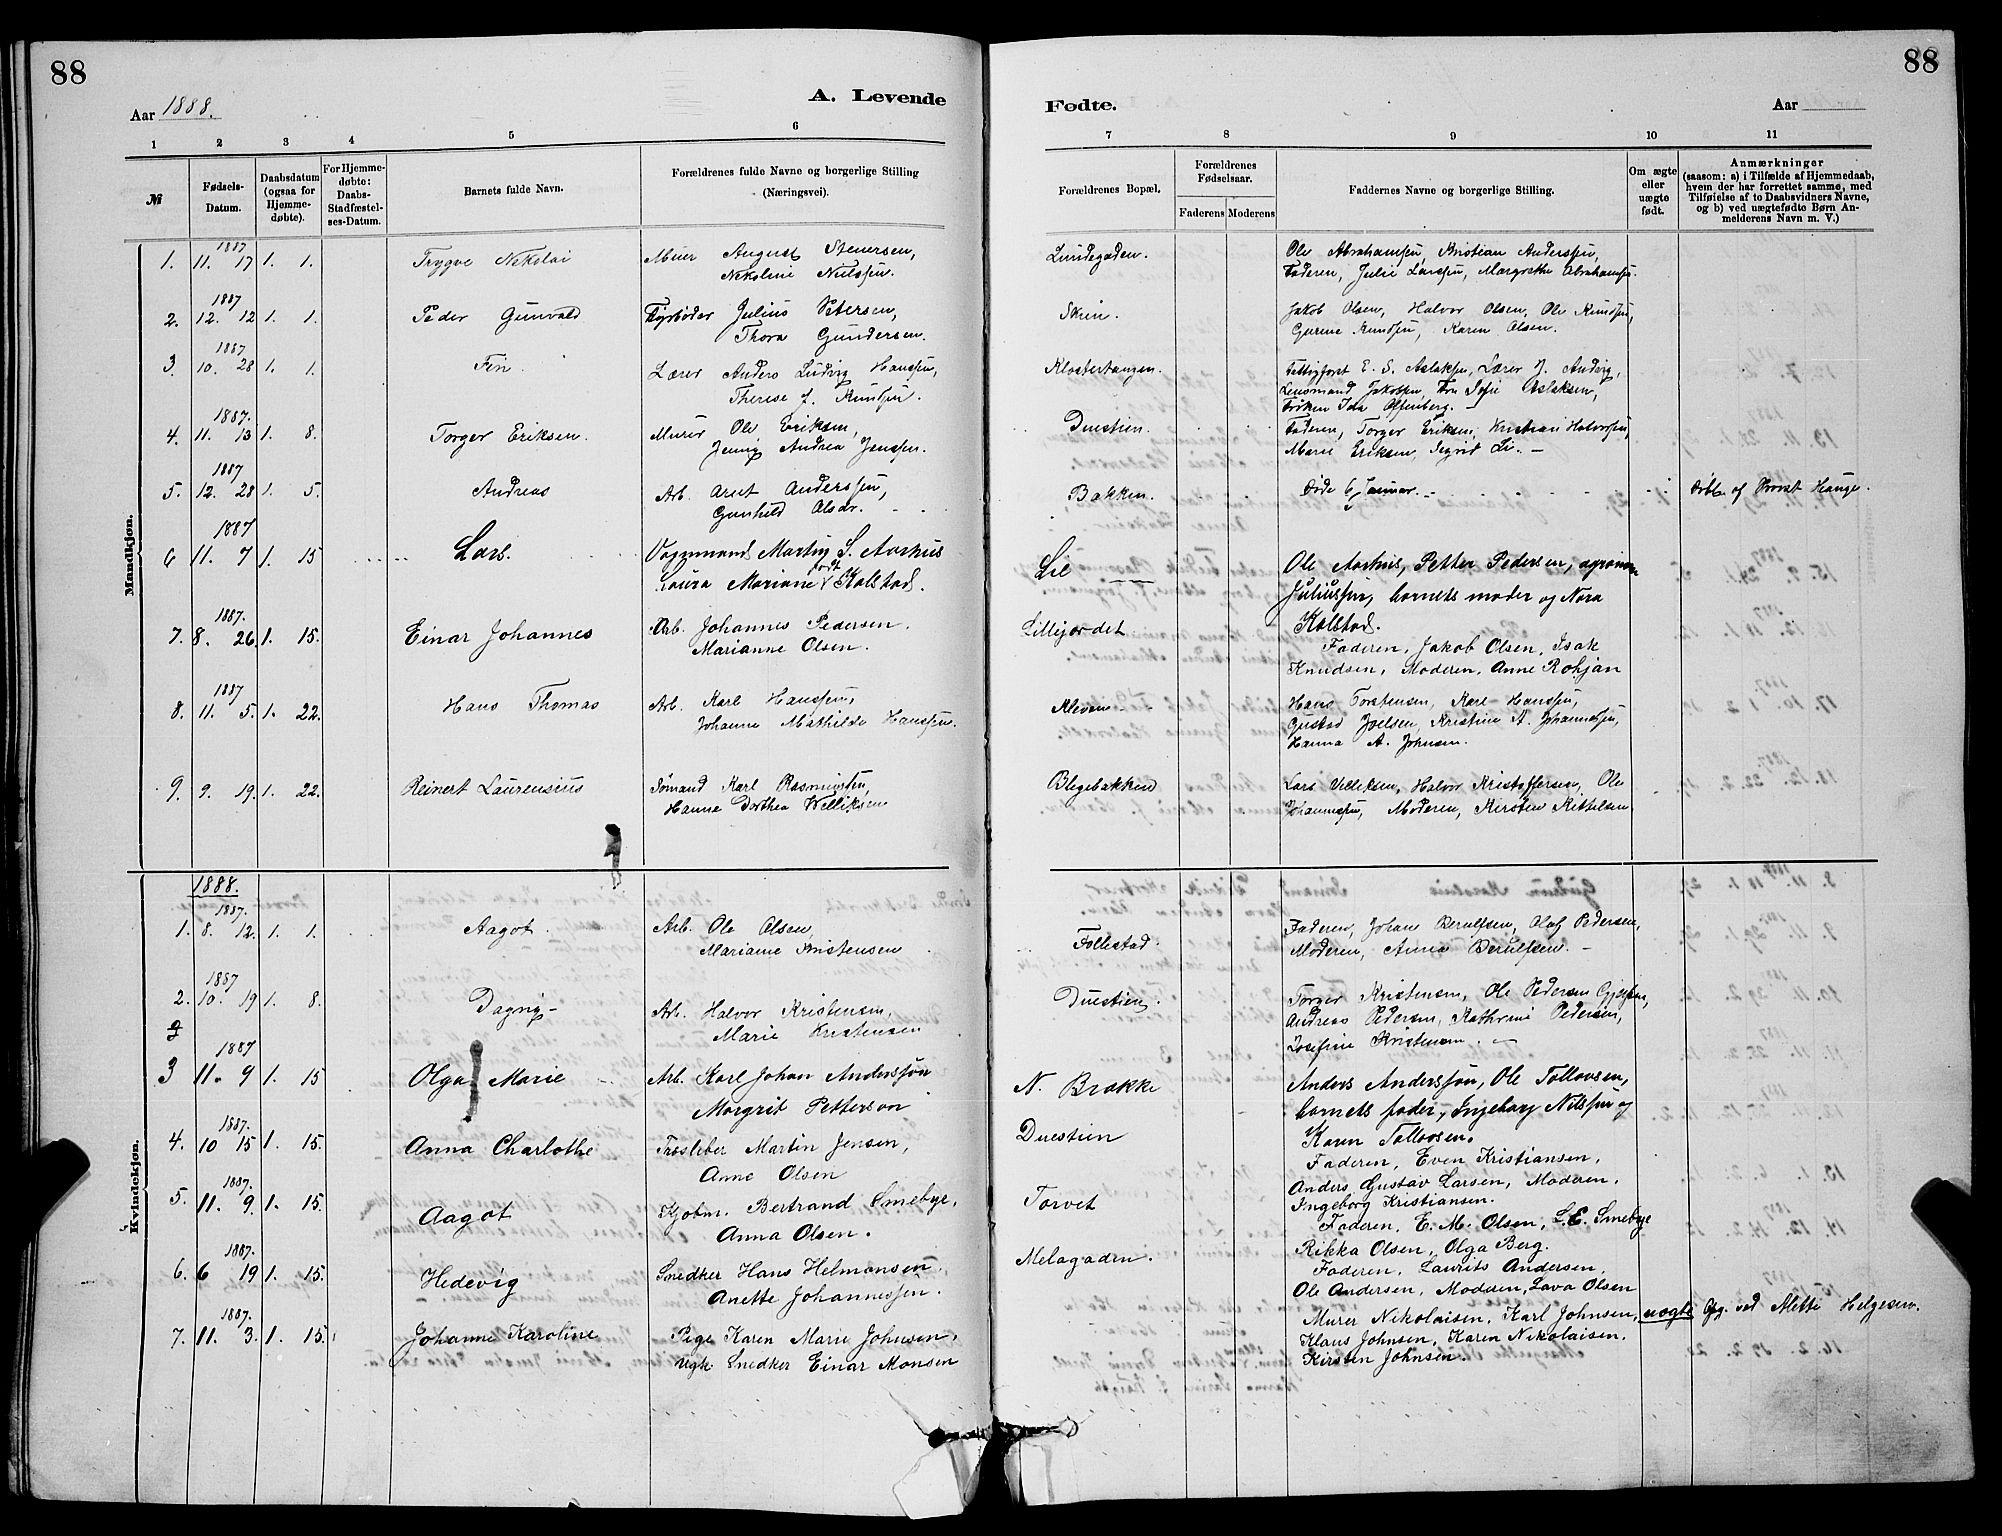 SAKO, Skien kirkebøker, G/Ga/L0006: Klokkerbok nr. 6, 1881-1890, s. 88